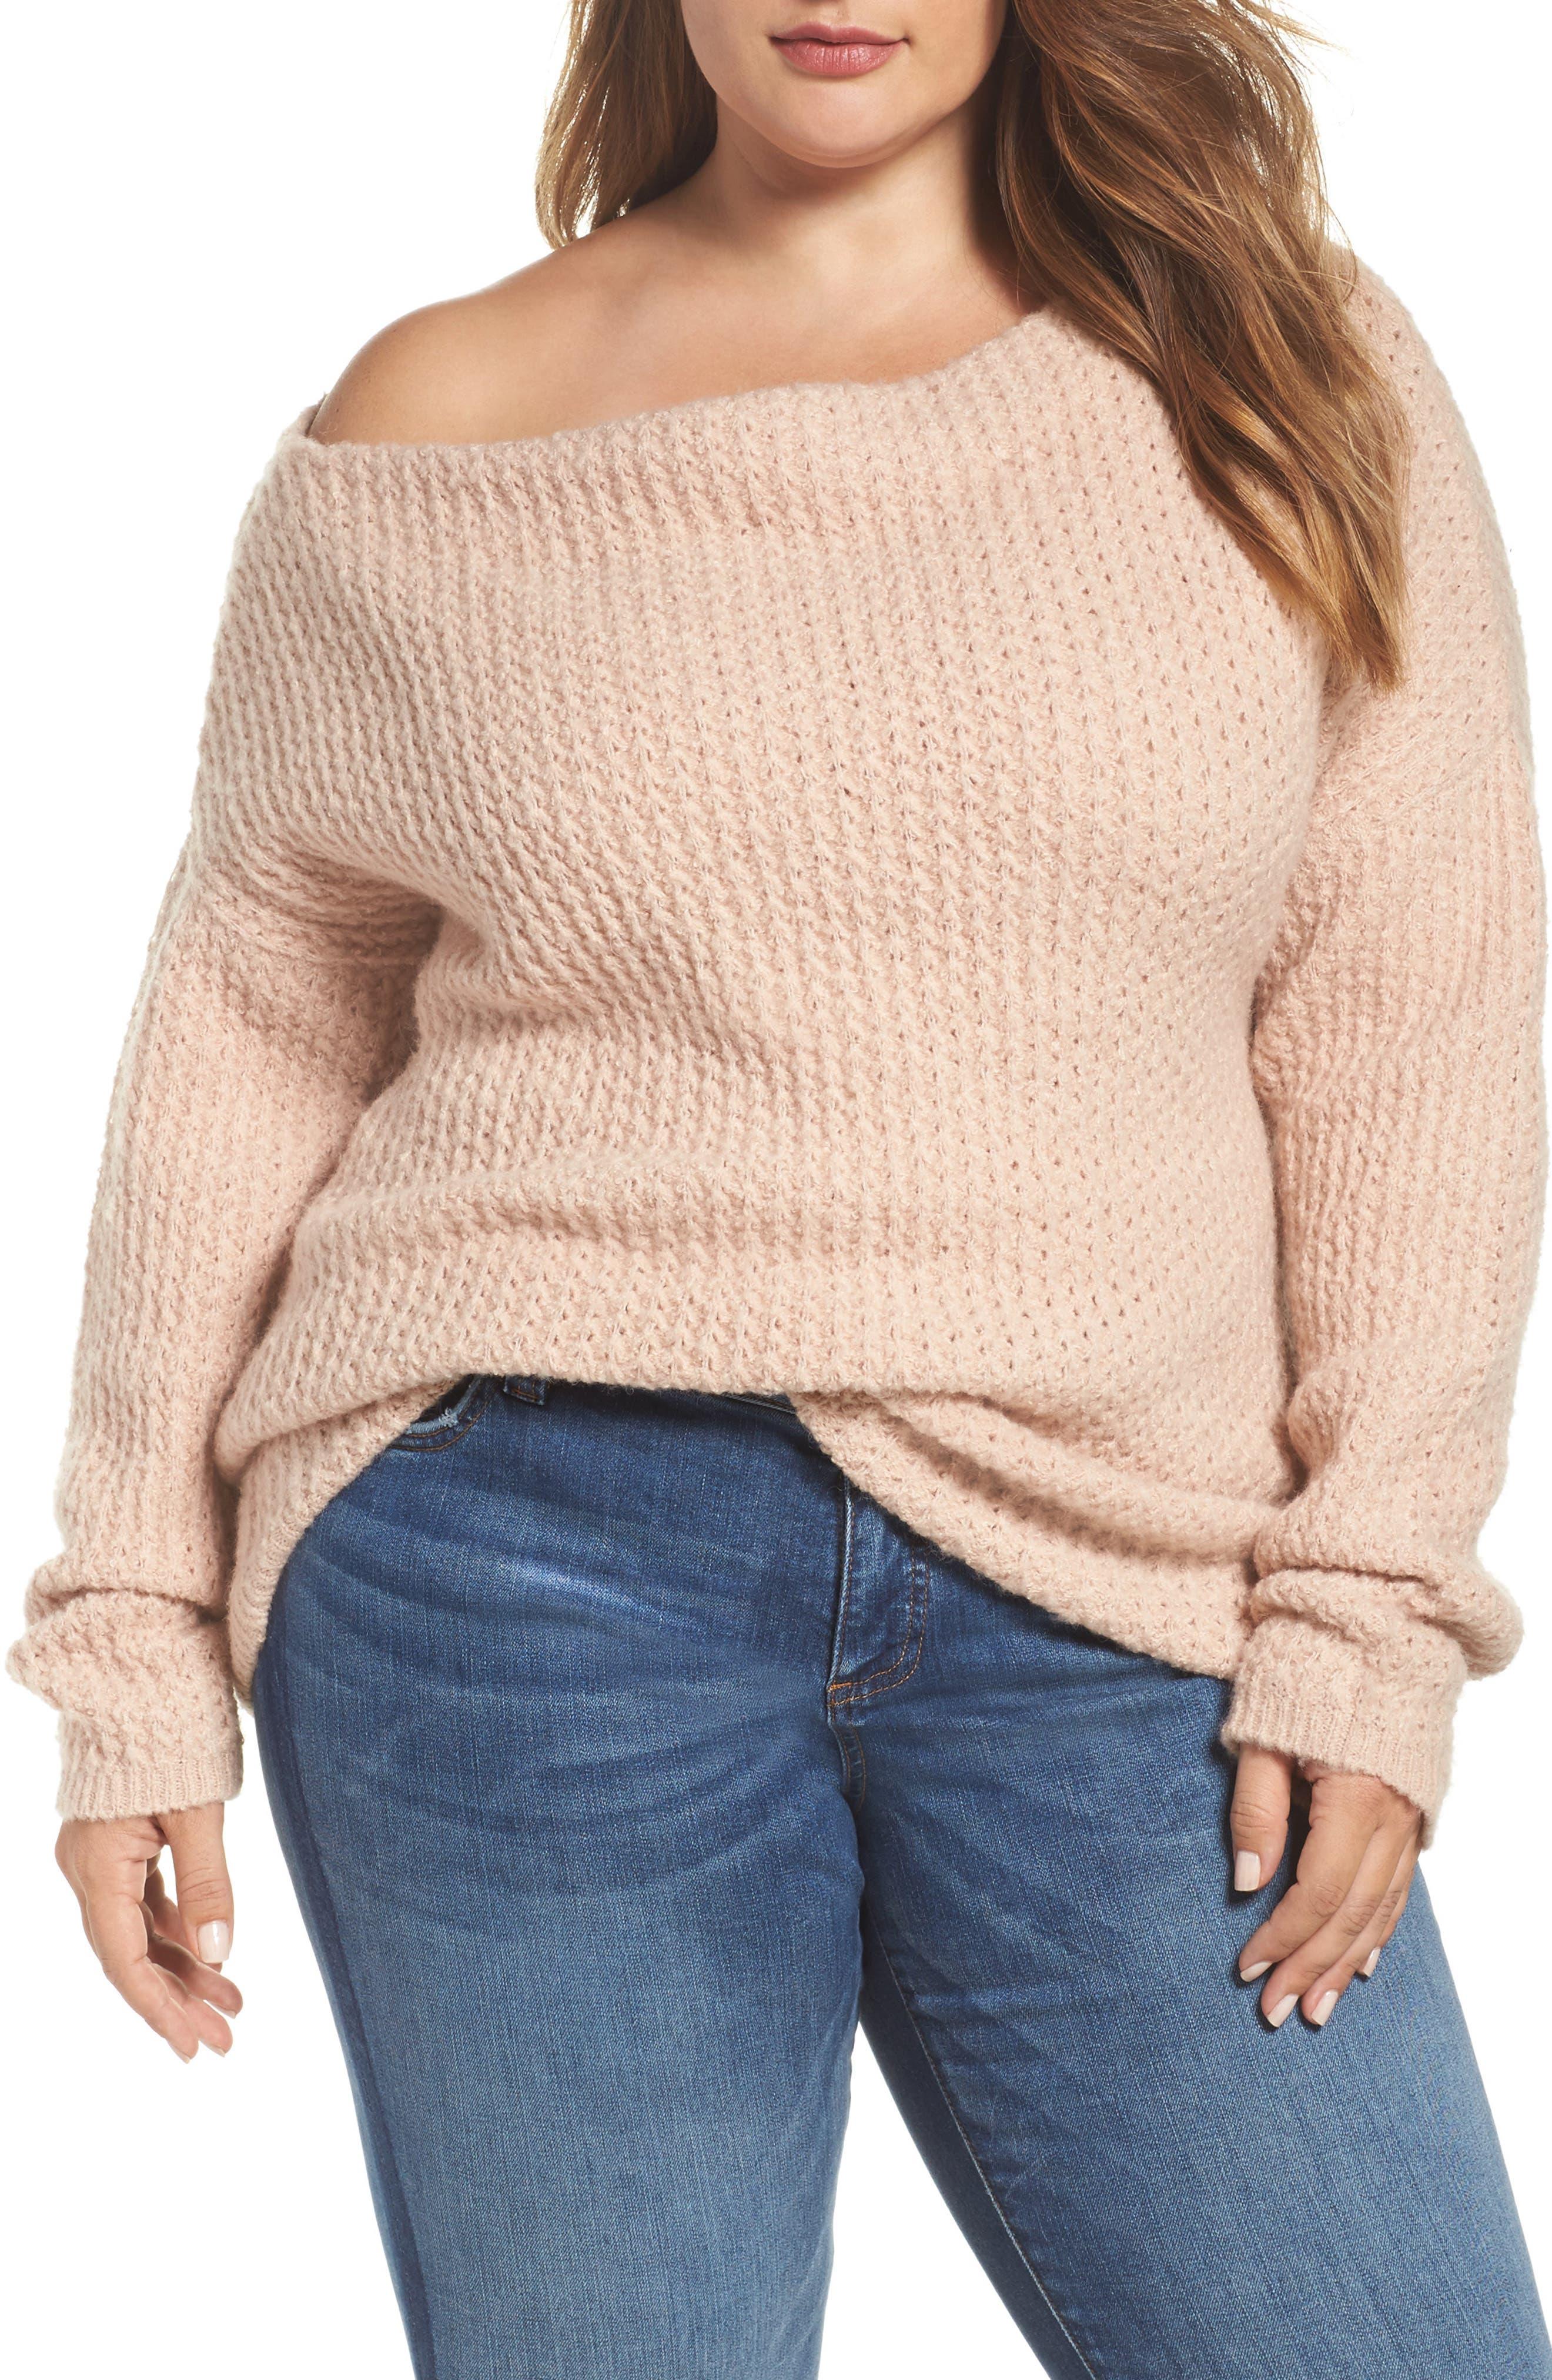 Main Image - RACHEL Rachel Roy Off the Shoulder Sweater (Plus Size)